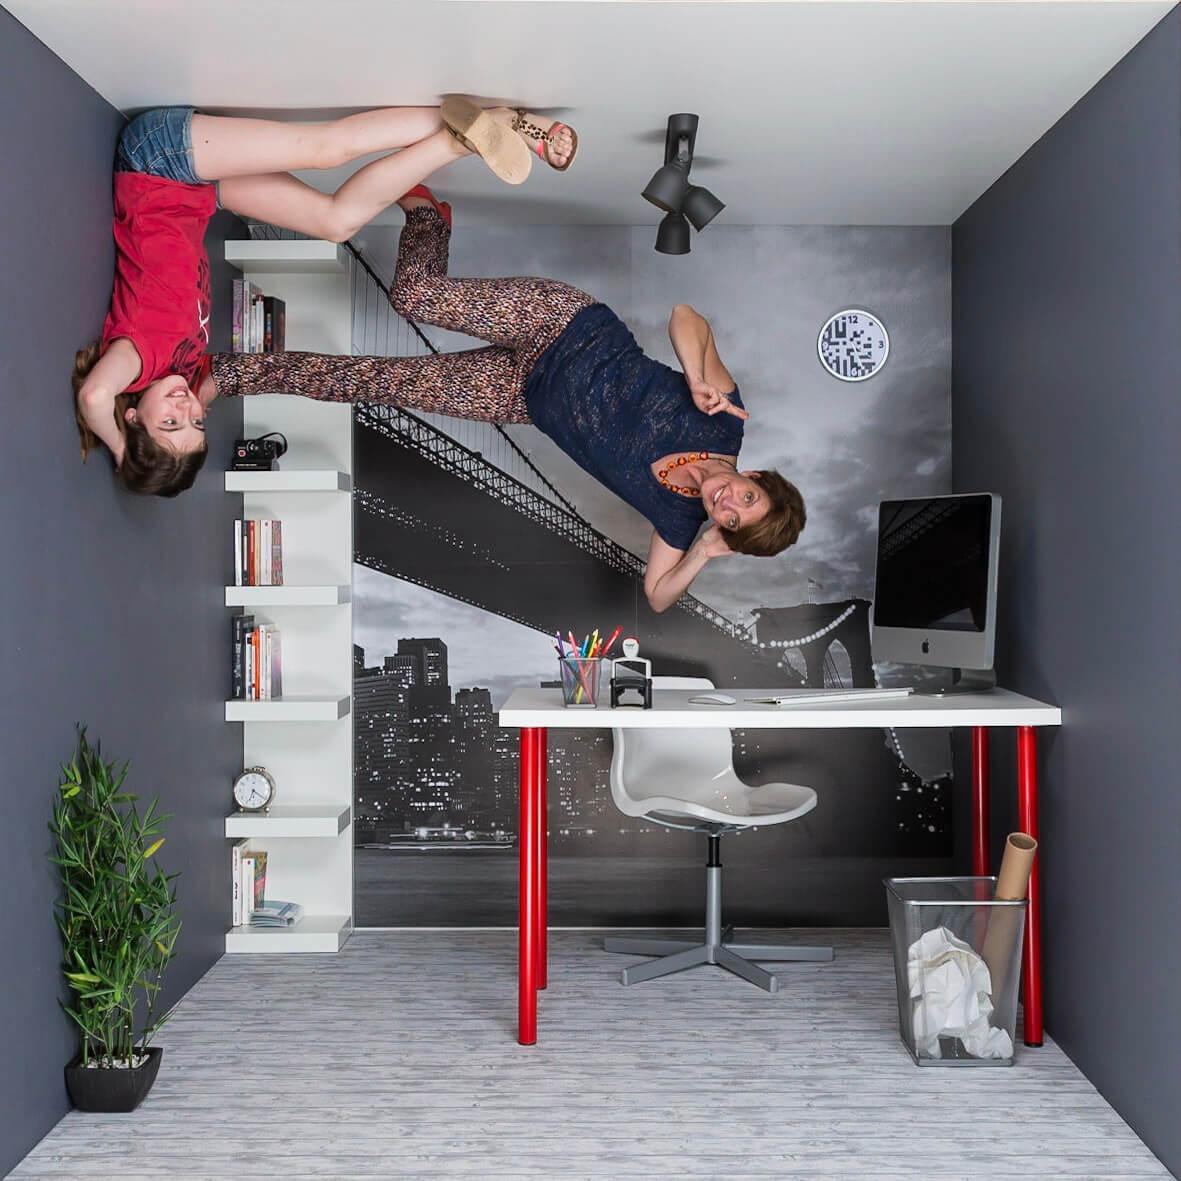 Les réalisations Lehmann Studio, photographe à Angers - animation photo événementielle Gravitybox ambiance bureau